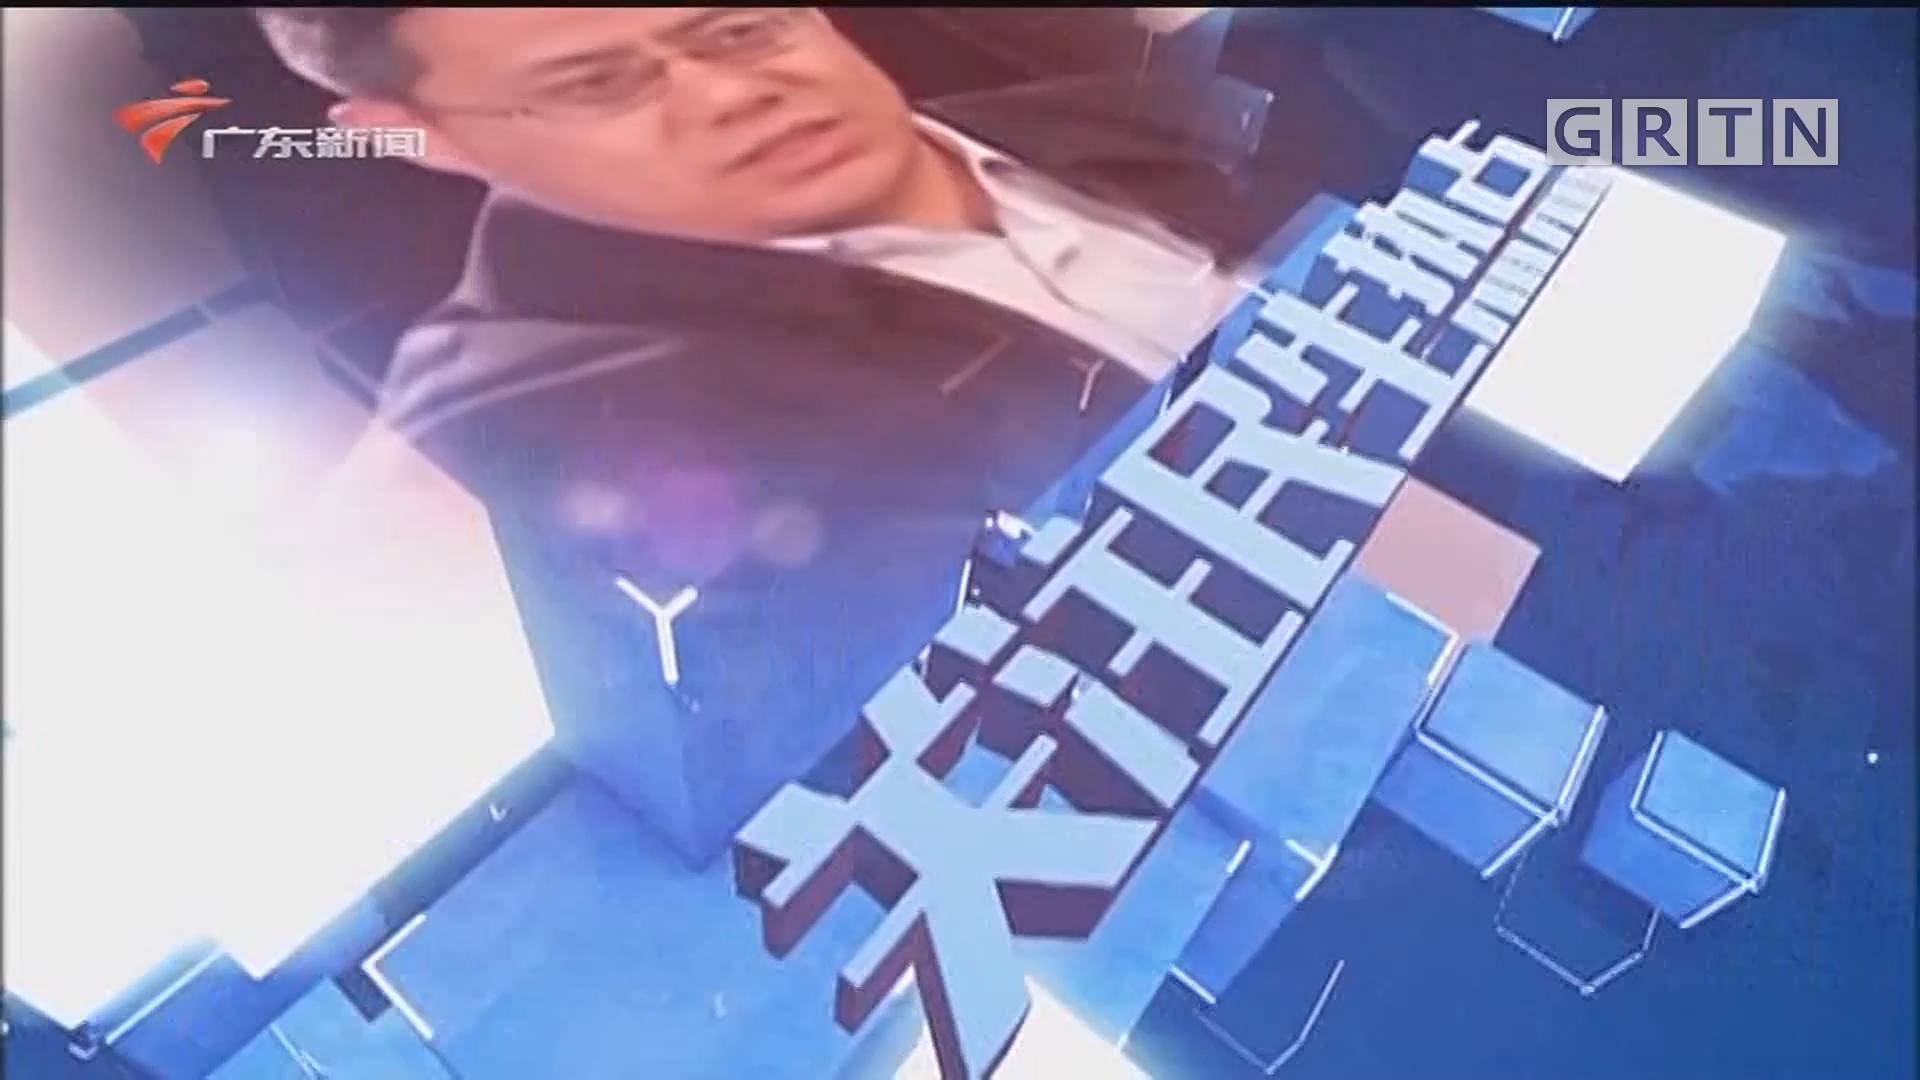 [HD][2020-02-15]权威访谈:全民行动 打赢新冠肺炎阻击战